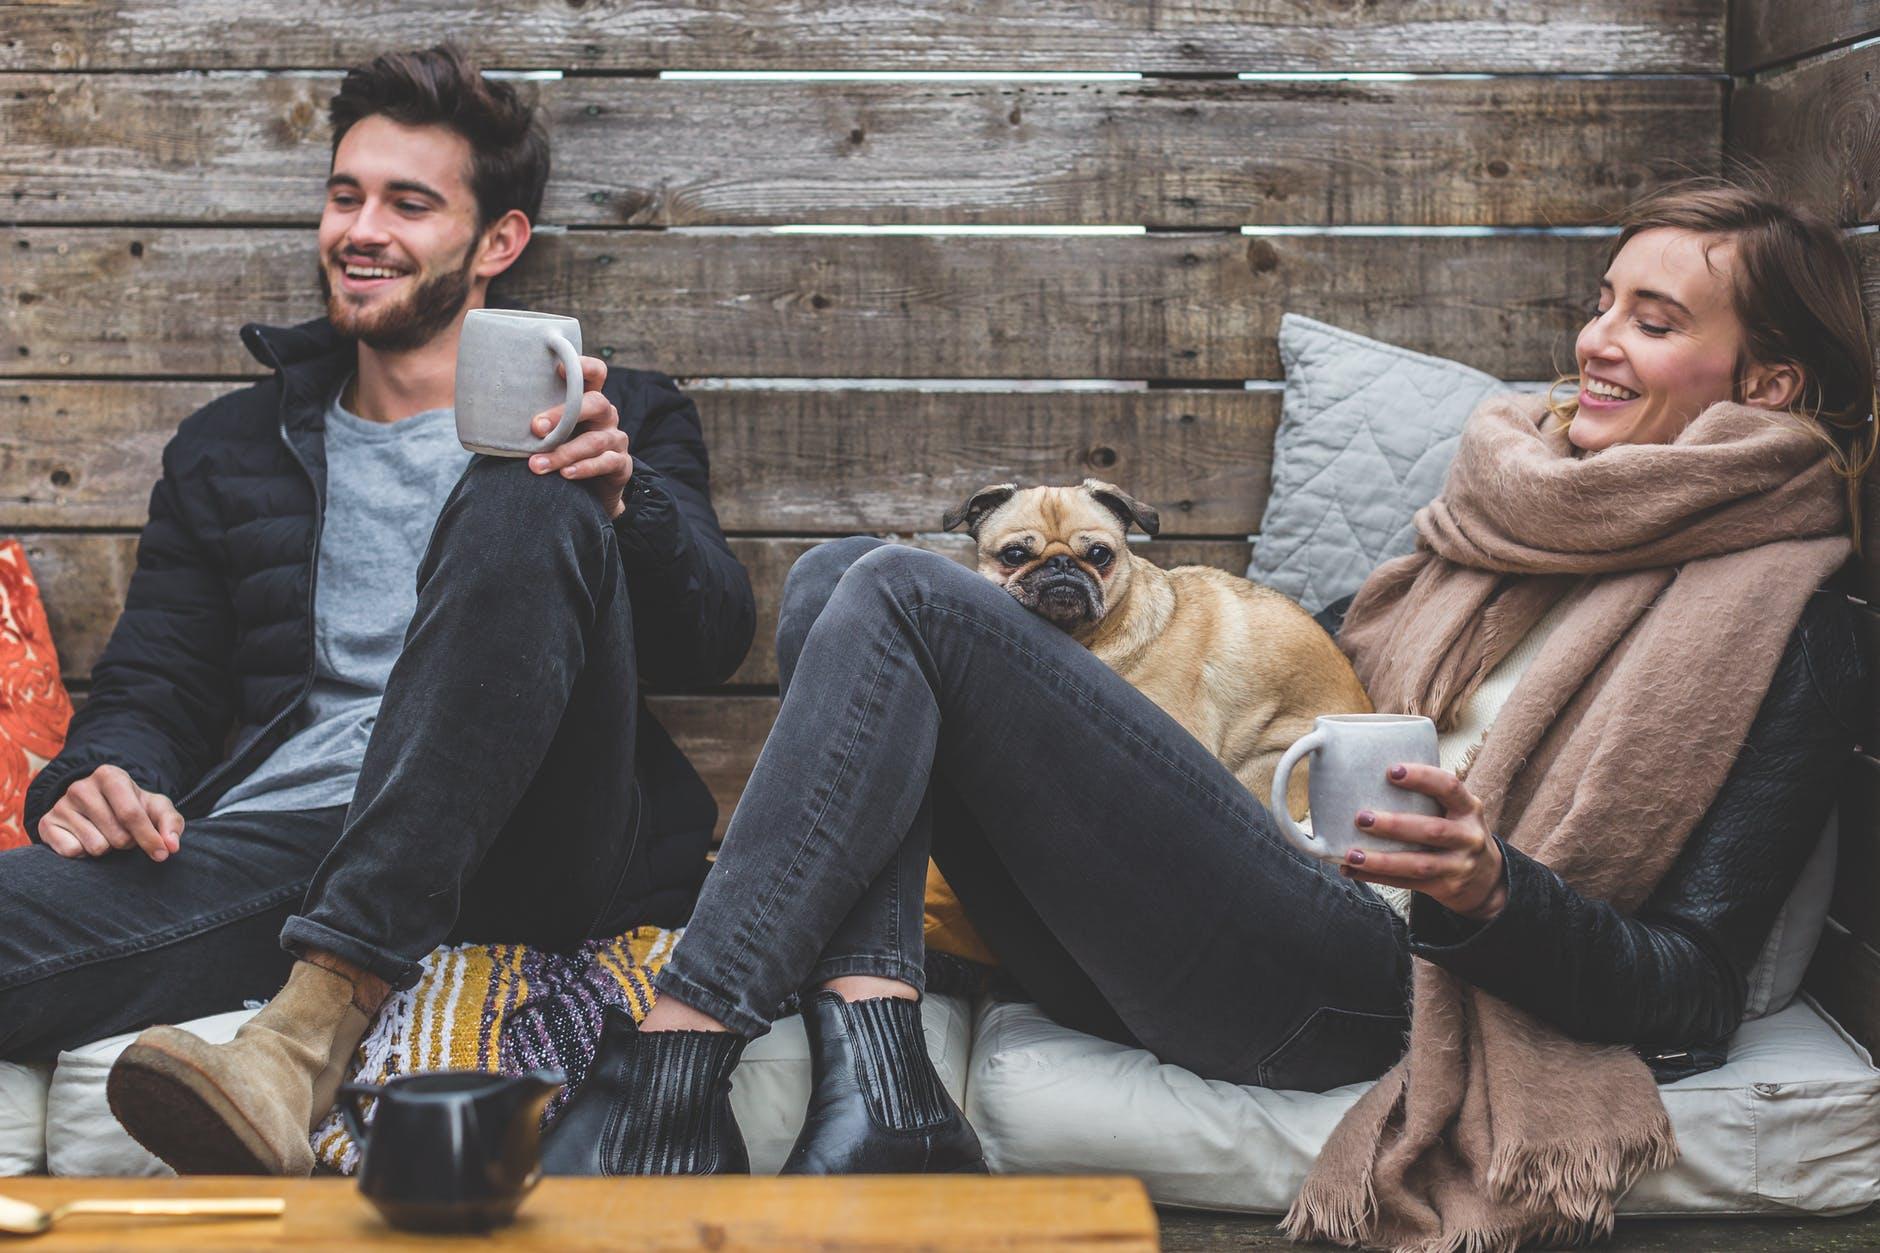 Što bi bilo da najboljem prijatelju priznam da ga volim?, Savjeti za dobar partnerski odnos